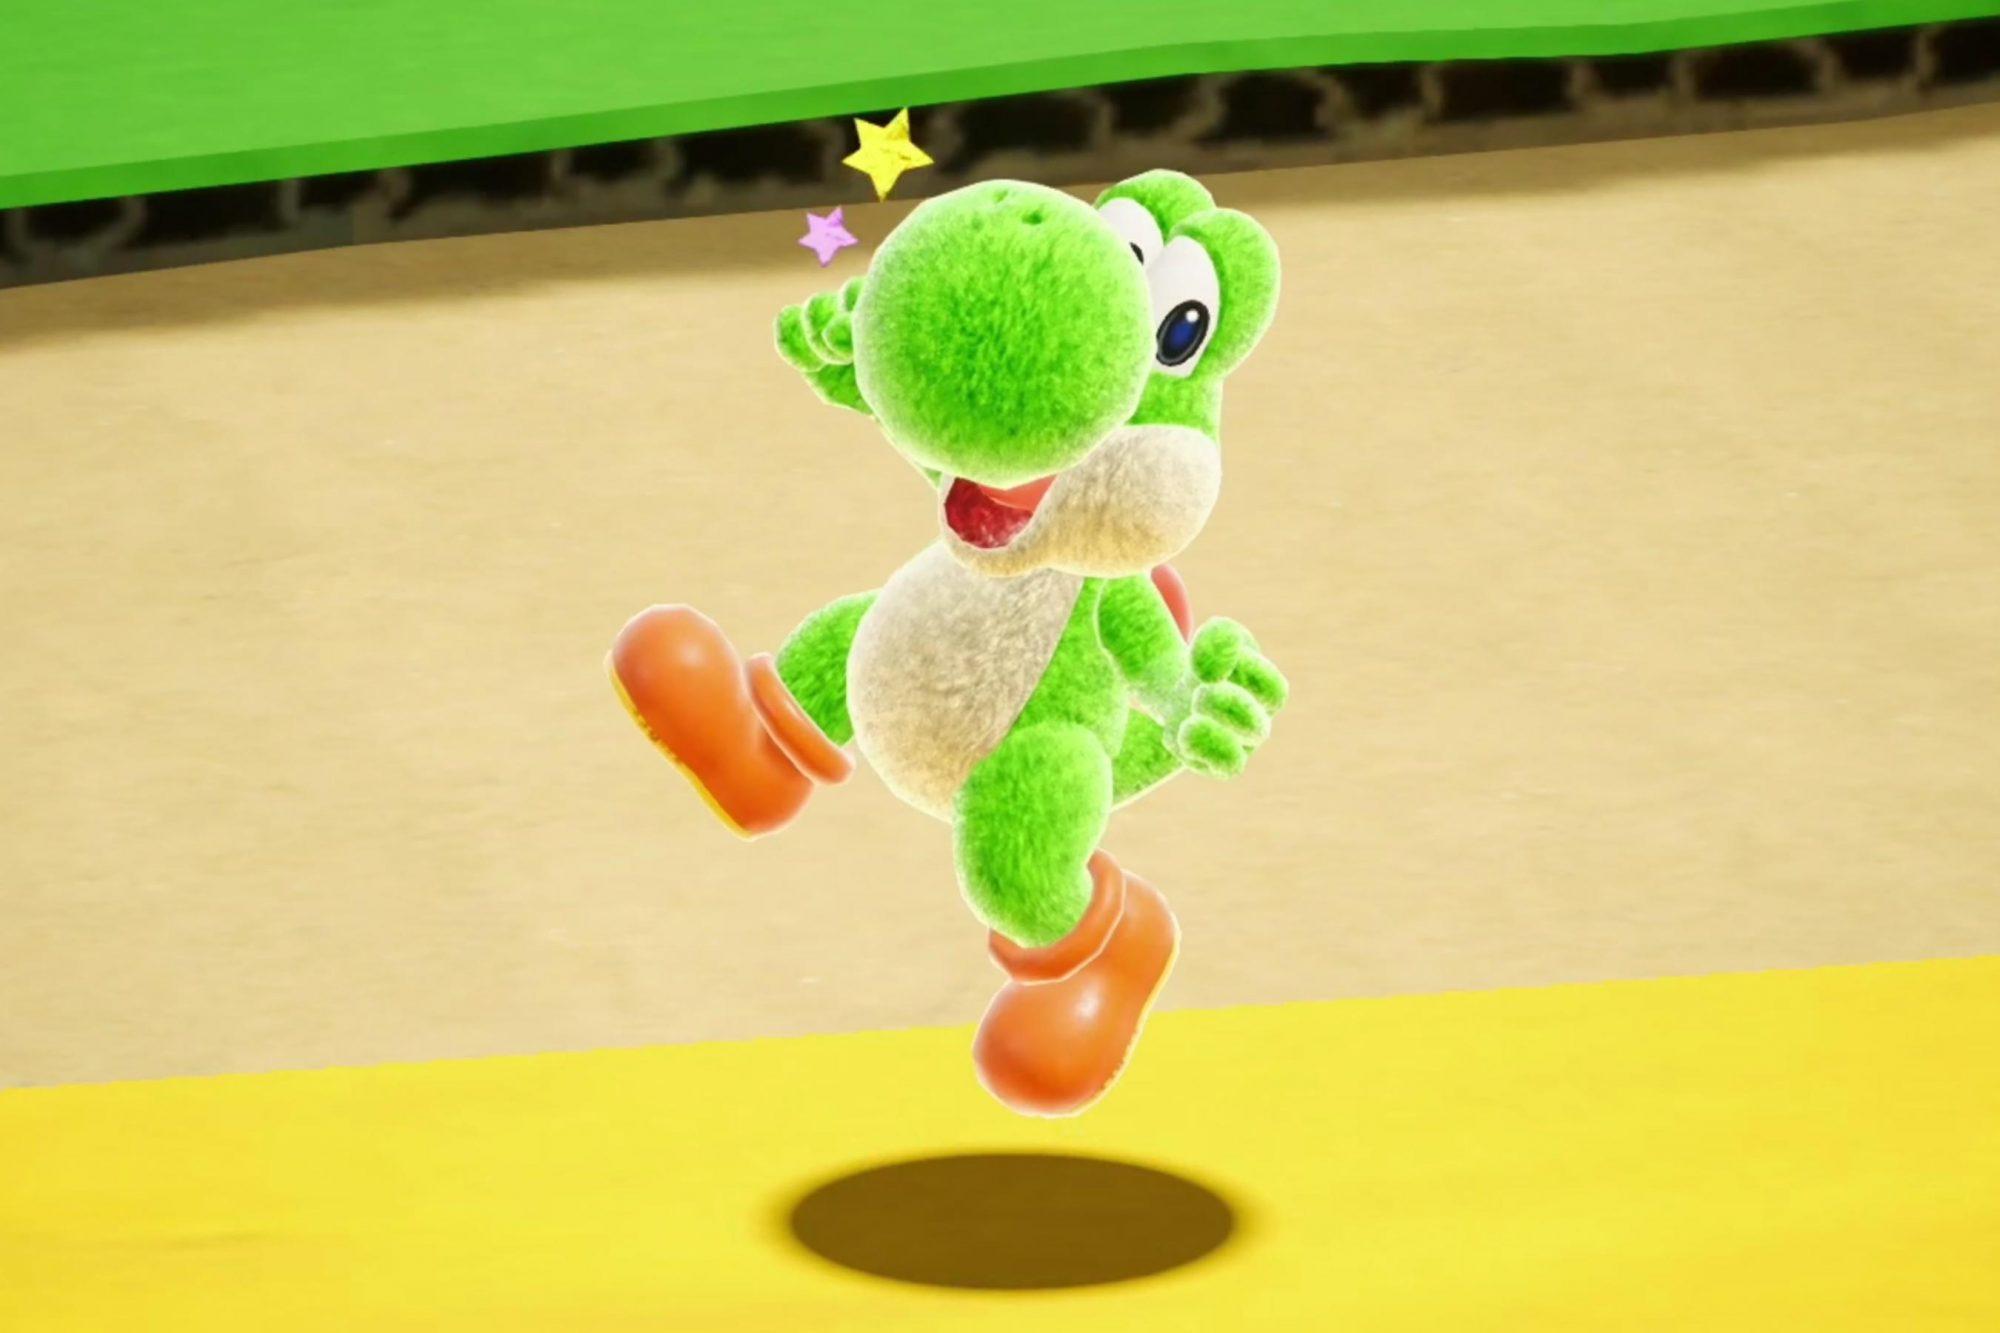 Yoshi video game (2018) CR: Nintendo